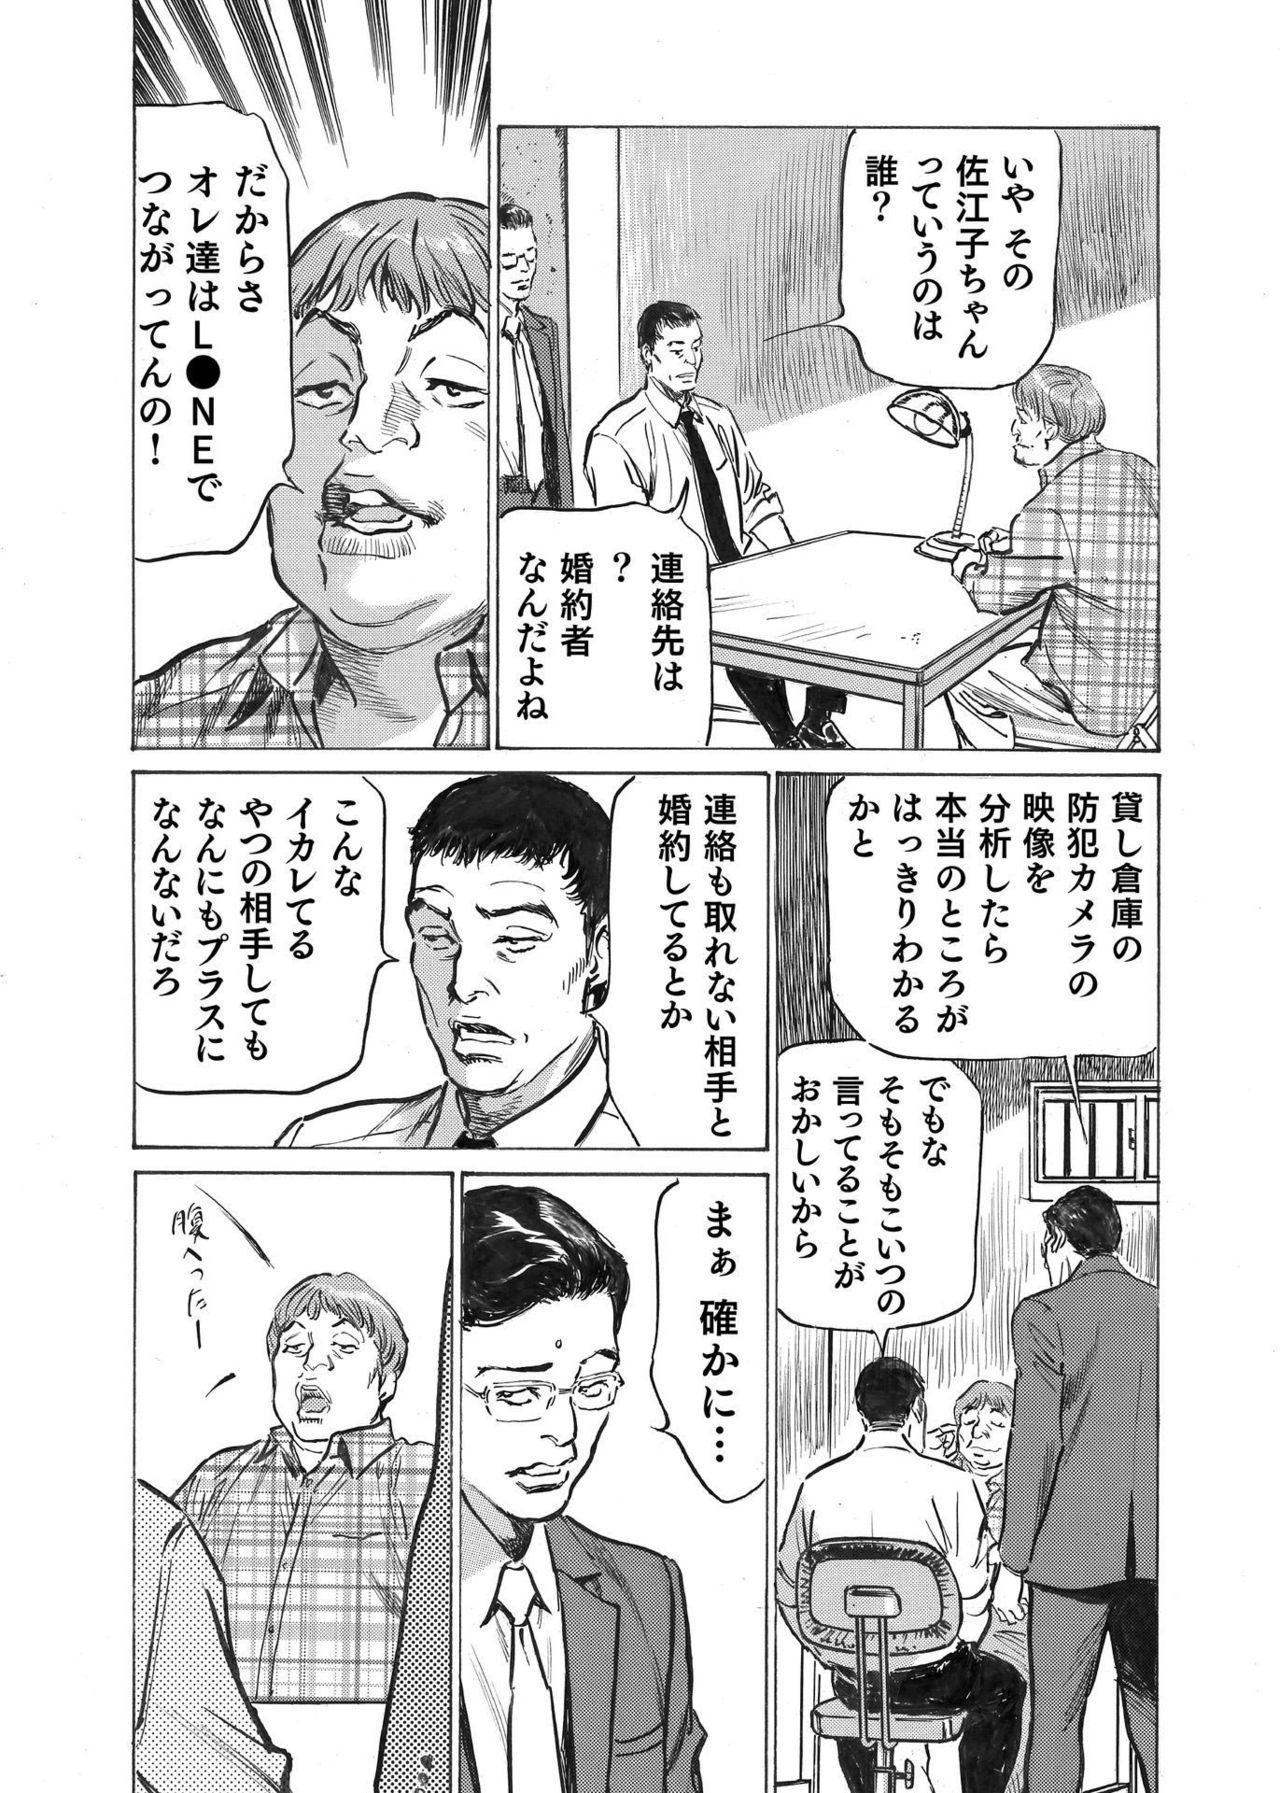 Ore wa Tsuma no Koto o Yoku Shiranai 1-9 130